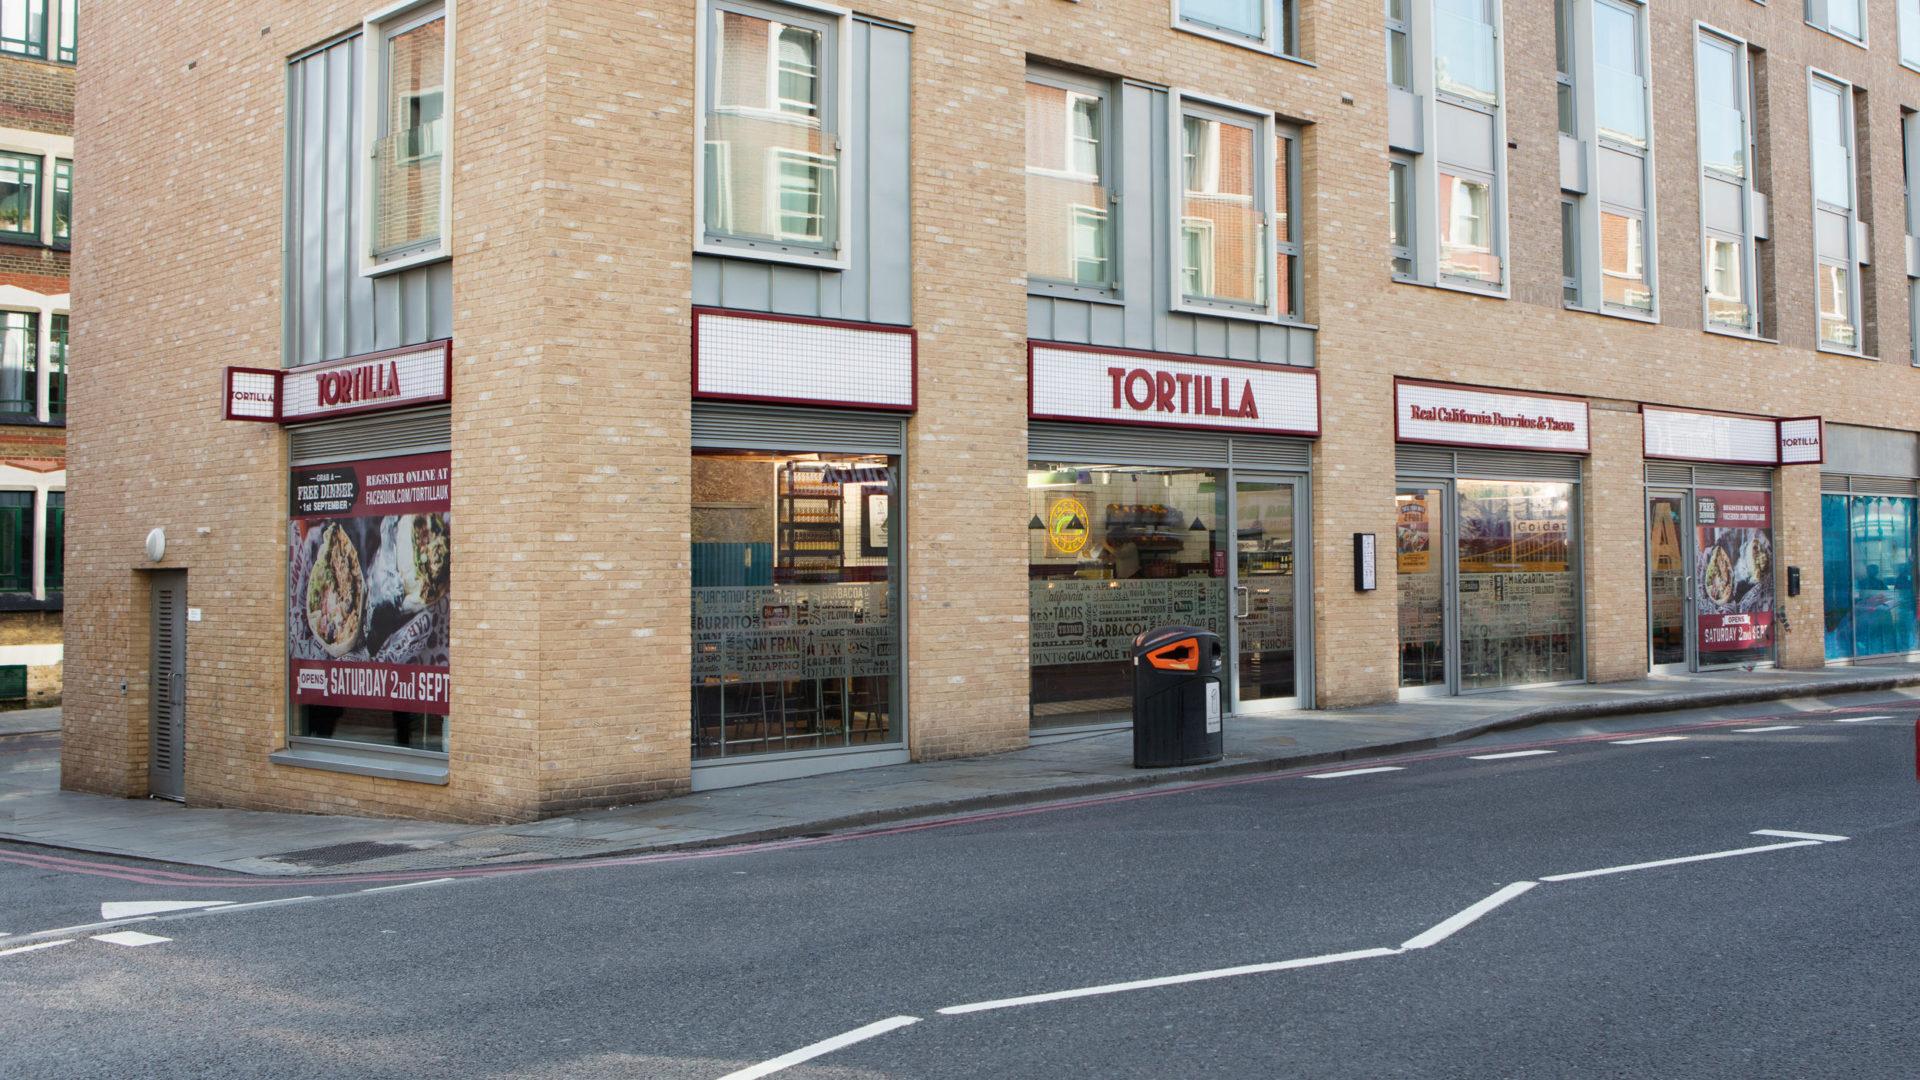 Tortilla-Dalston01